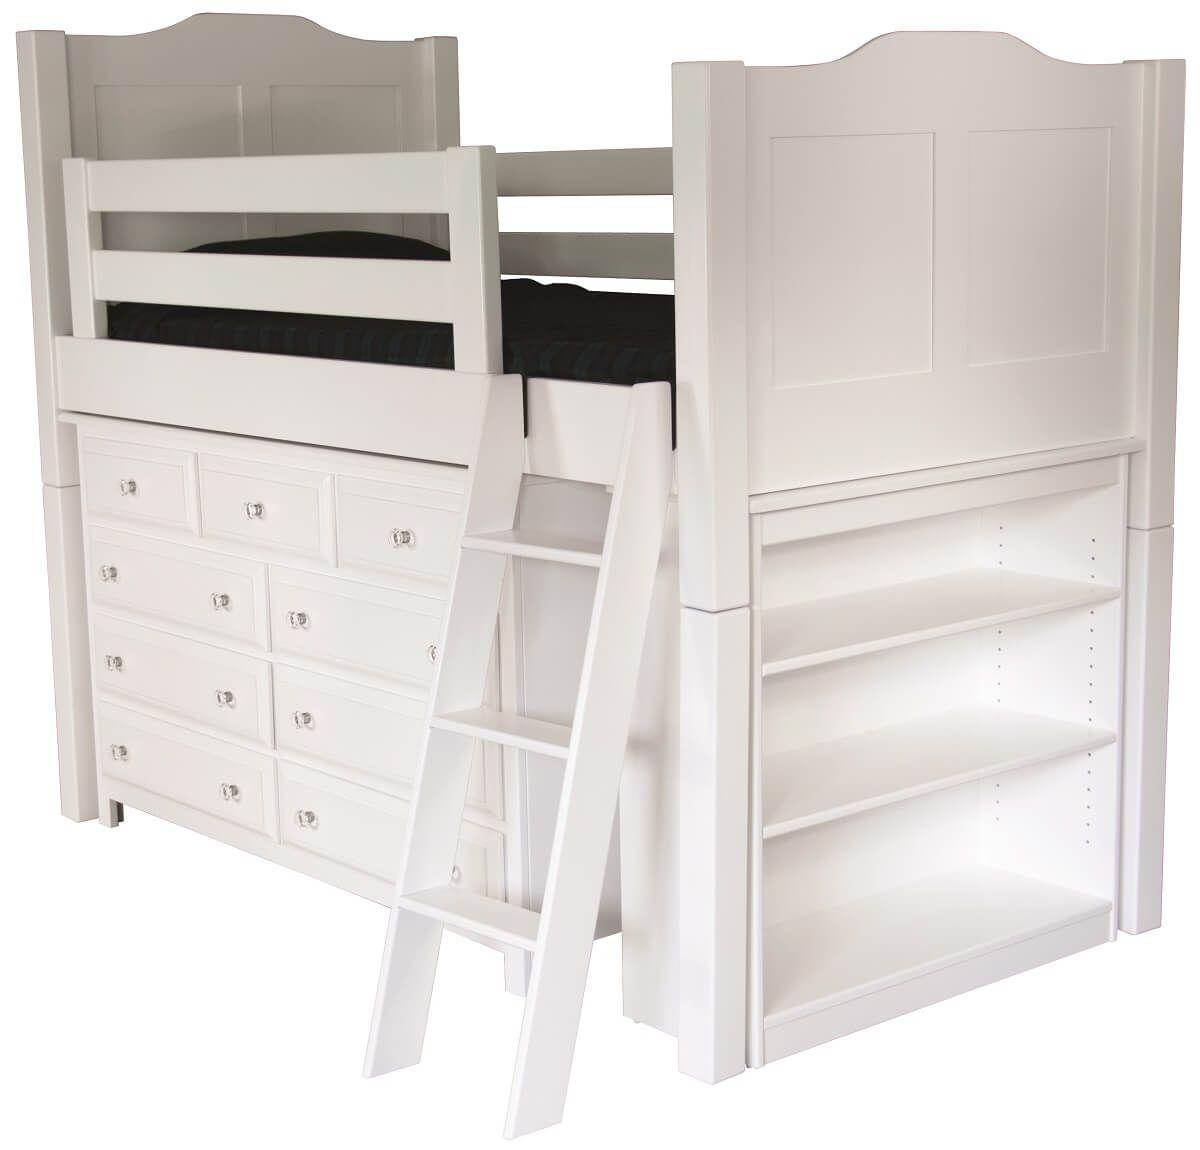 Hadley Storage Bunk Bed